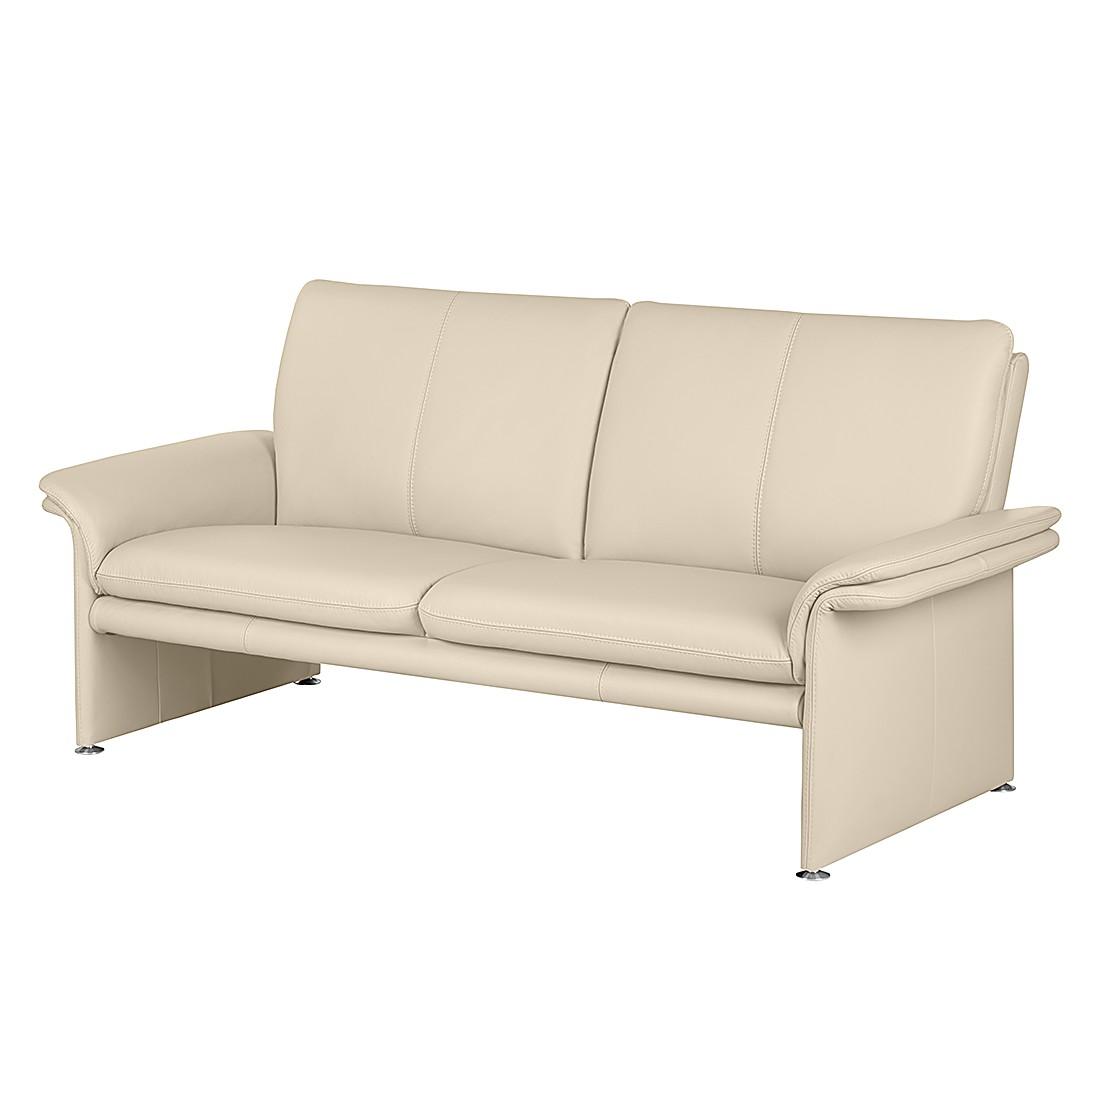 Wohnzimmer dunkle m bel beiges sofa - Wohnzimmer beige sofa ...